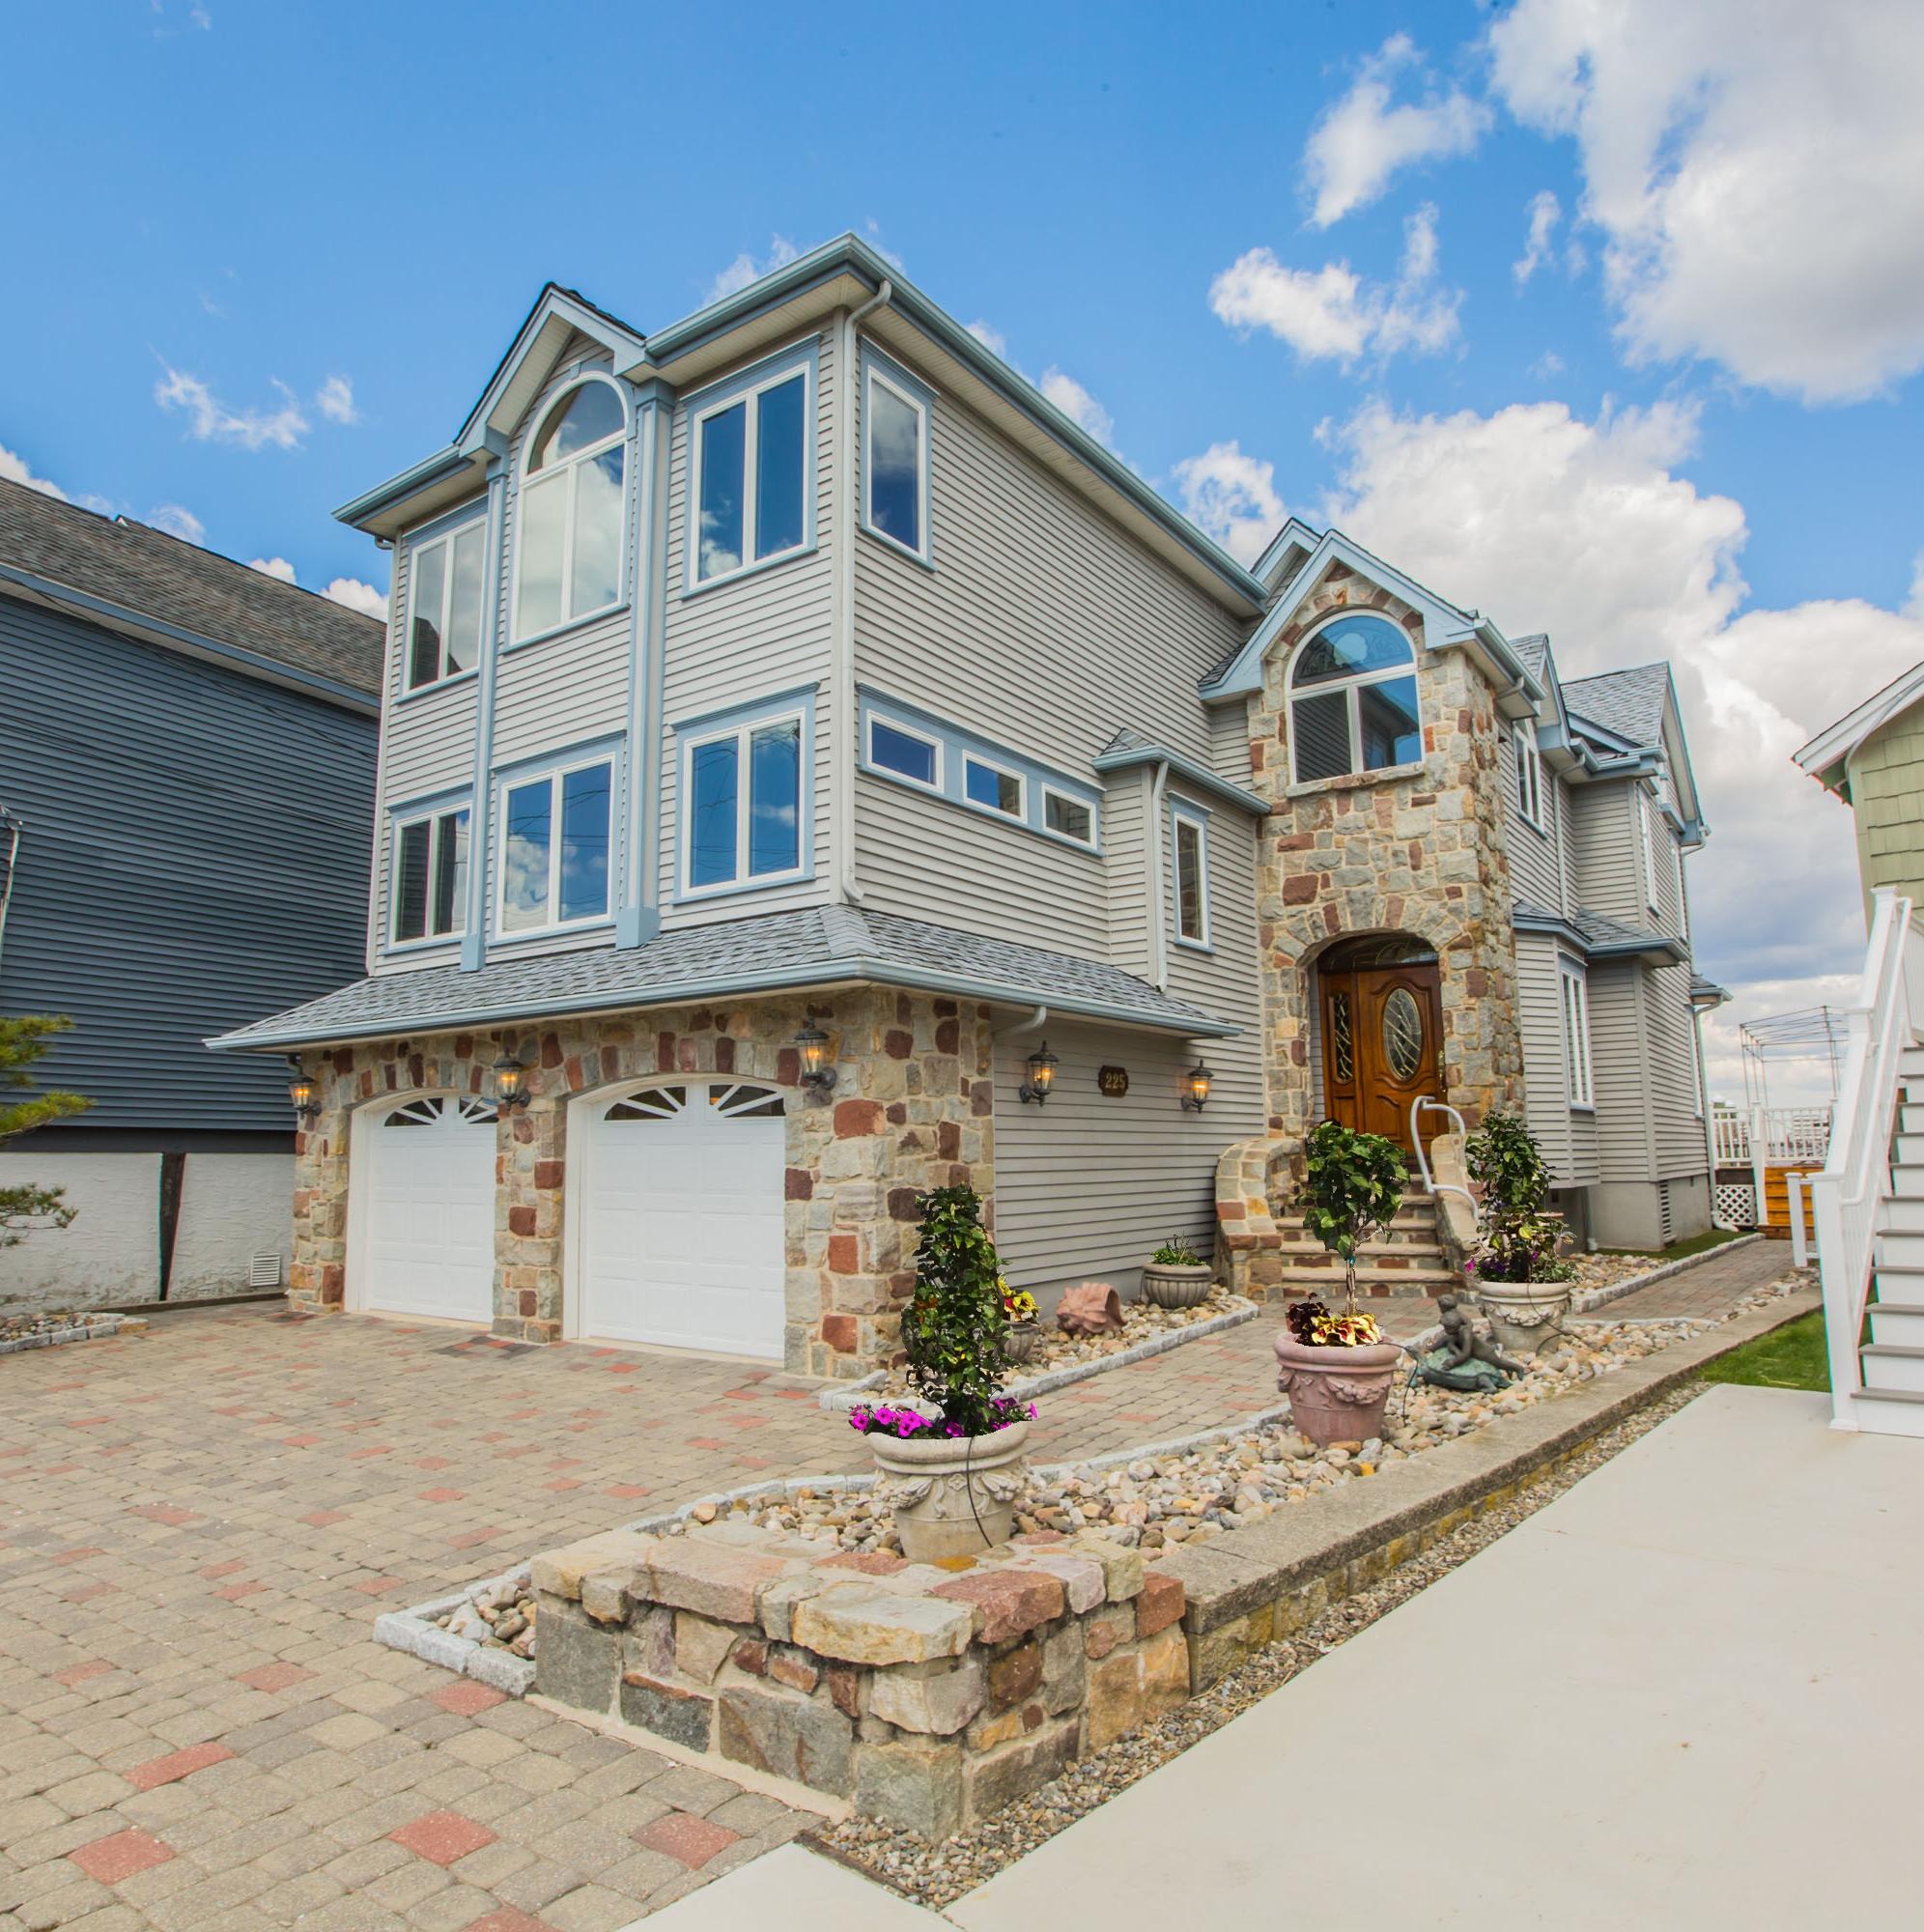 단독 가정 주택 용 매매 에 Large Single Home on the Bay 225 W. 17th Street Ocean City, 뉴저지 08226 미국